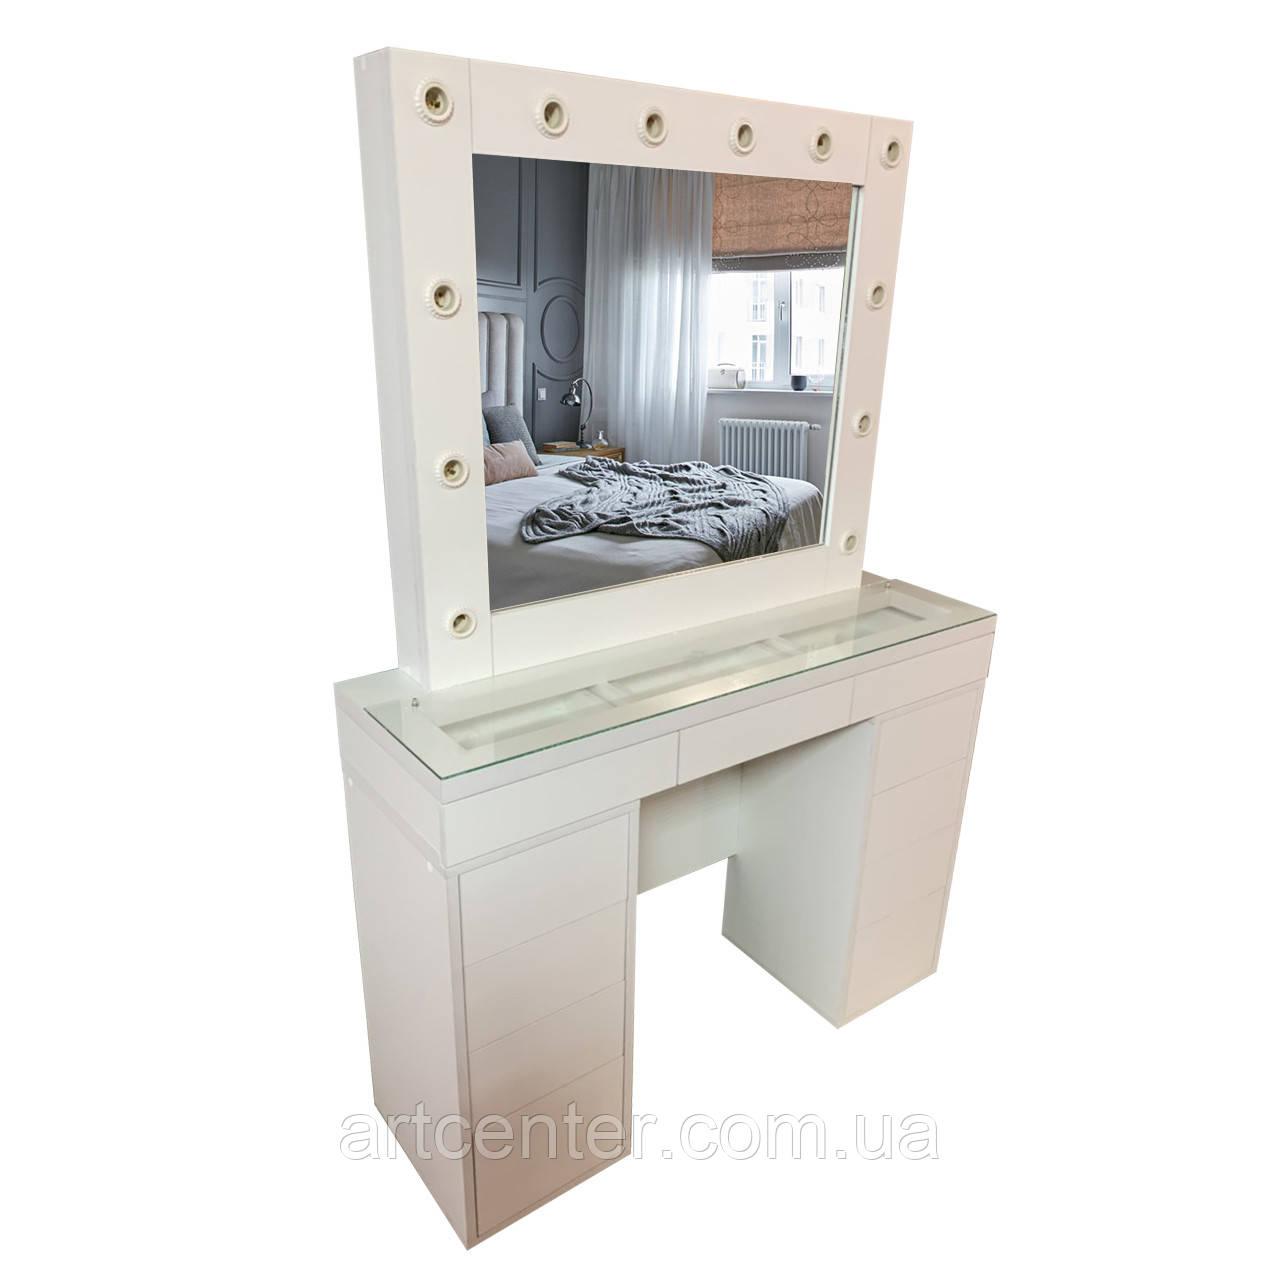 Стол визажиста с витриной, туалетный стол, гримерный стол